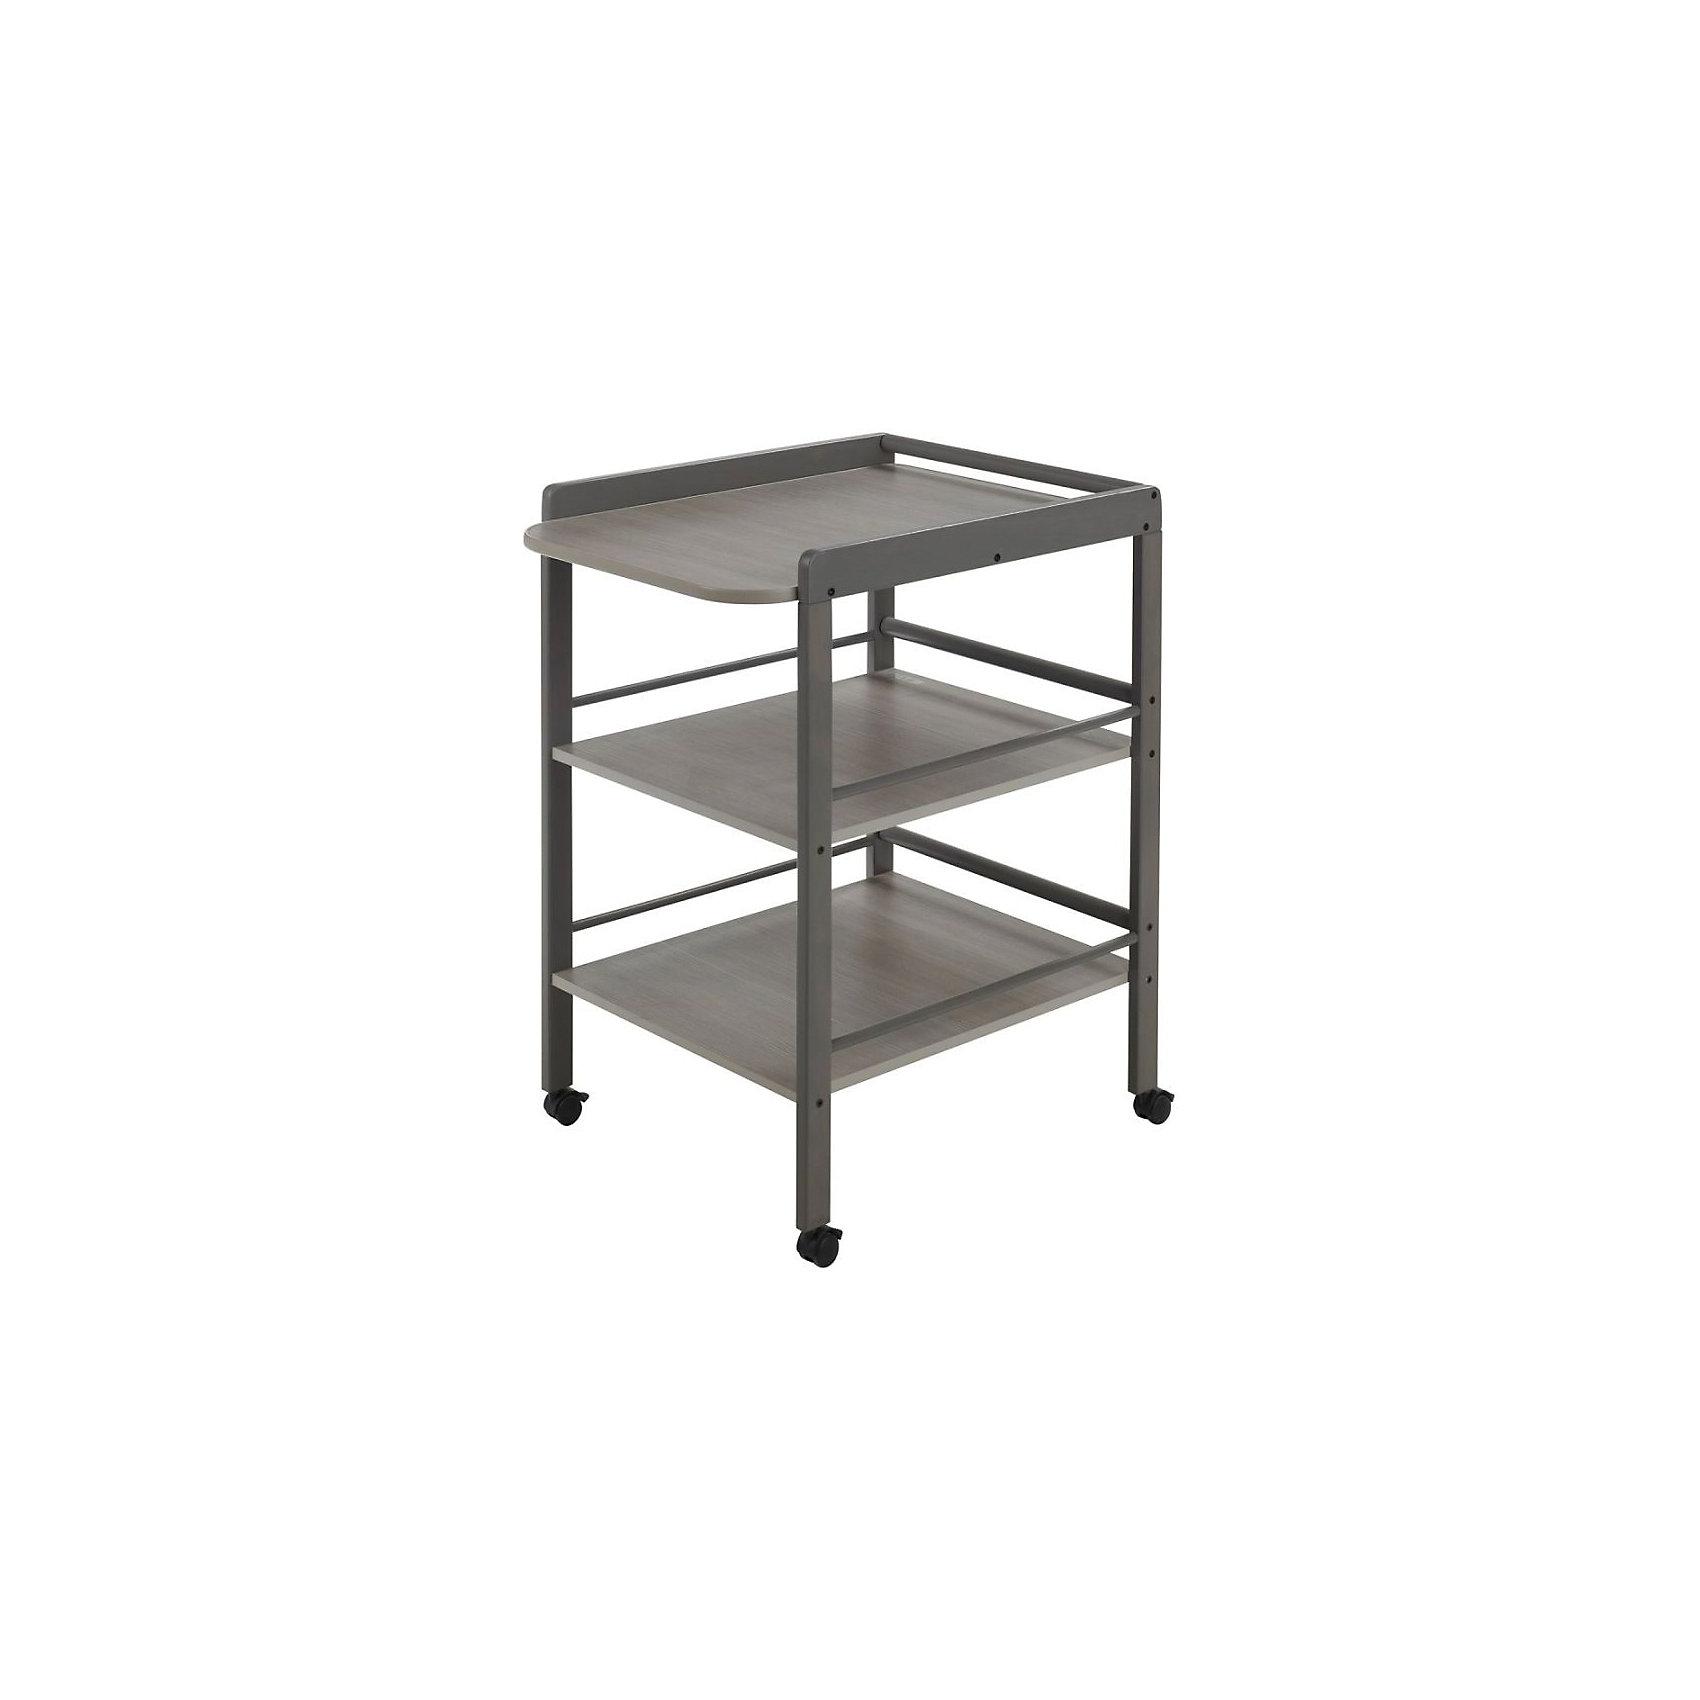 Пеленальный столик Clarissa, Geuther, серыйСтол для пеленания CLARISSA, Geuther (Гётер), серый.<br><br>Характеристики:<br><br>• имеет две вместительные полки с трехсторонними бортами<br>• удобное место для пеленания<br>• оснащен поворотными колесами с фиксаторами<br>• изготовлен из дерева<br>• материал: массив бука<br>• размеры: 56х90,5х74,5 см<br>• ширина пеленального места: 56 см<br>• рабочая высота: 86 см<br>• цвет: серый<br><br>Стол для пеленания CLARISSA, Geuther имеет большую ширину пеленального места и отлично подойдет для переодевания малыша, гигиенических процедур и массажа. Стол оснащен двумя вместительными полками с бортиками, предотвращающими падение вещей. На полки удобно положить одежду, подгузники, салфетки и другие предметы, необходимые для гигиенических процедур. Ухаживать за малышом на таком чудесном столике будет очень удобно и приятно!<br><br>Купить стол для пеленания CLARISSA, Geuther (Гётер), серый вы можете в нашем интернет-магазине.<br><br>Ширина мм: 750<br>Глубина мм: 400<br>Высота мм: 950<br>Вес г: 17000<br>Возраст от месяцев: 0<br>Возраст до месяцев: 12<br>Пол: Унисекс<br>Возраст: Детский<br>SKU: 5089897